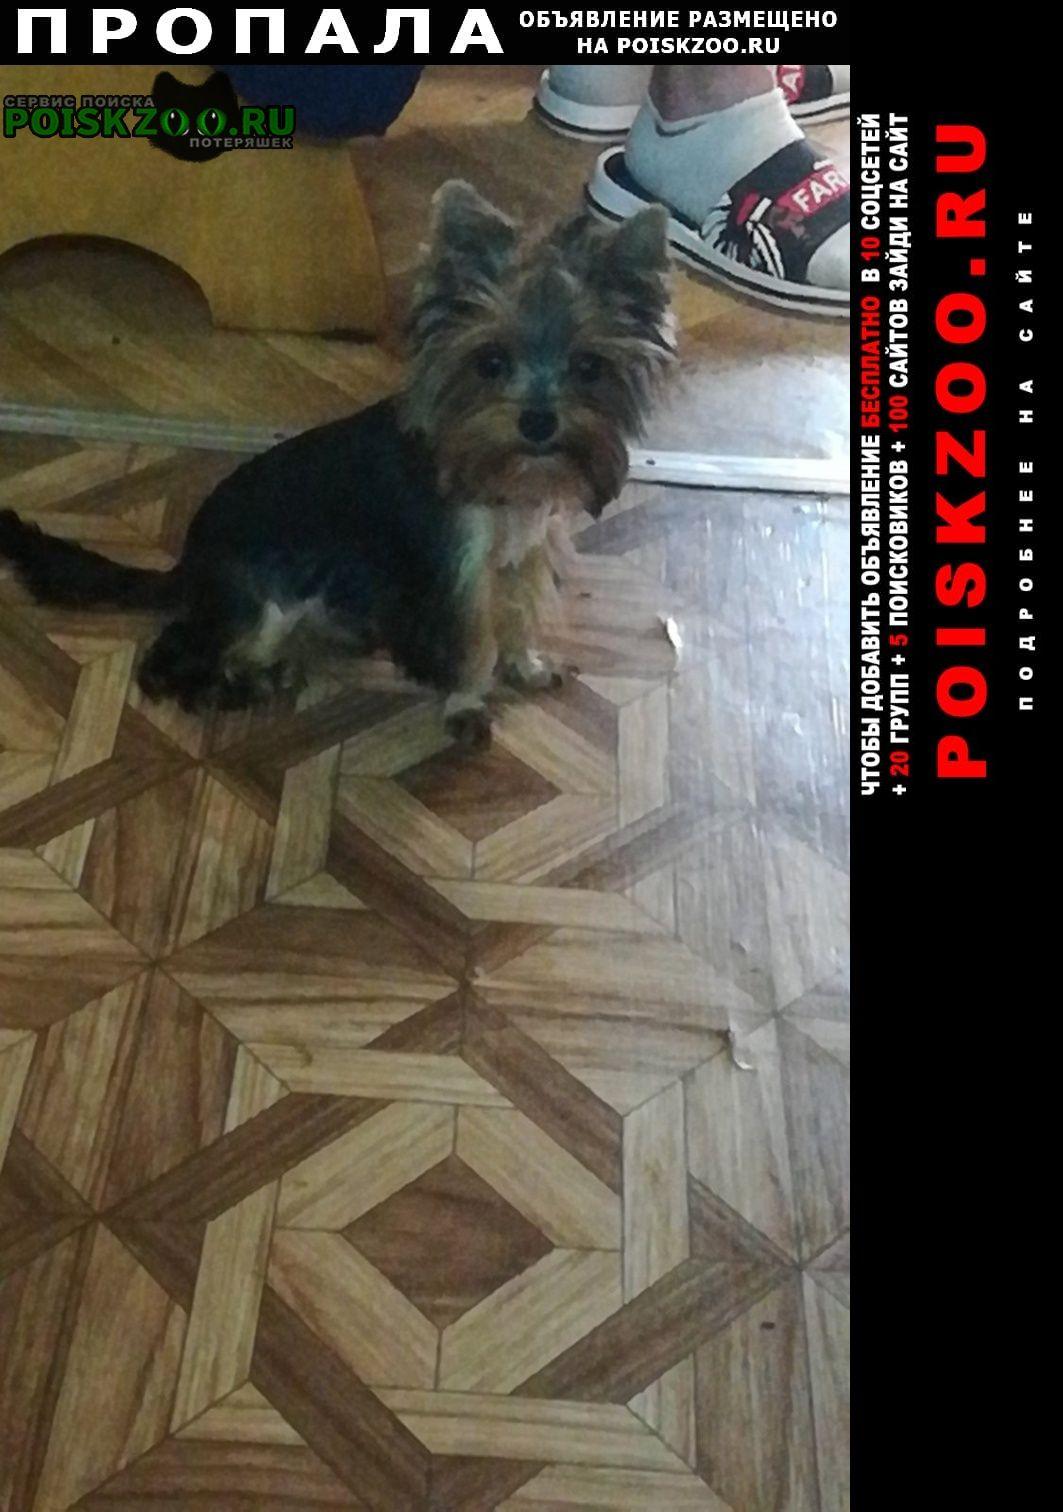 Пропала собака Ковров